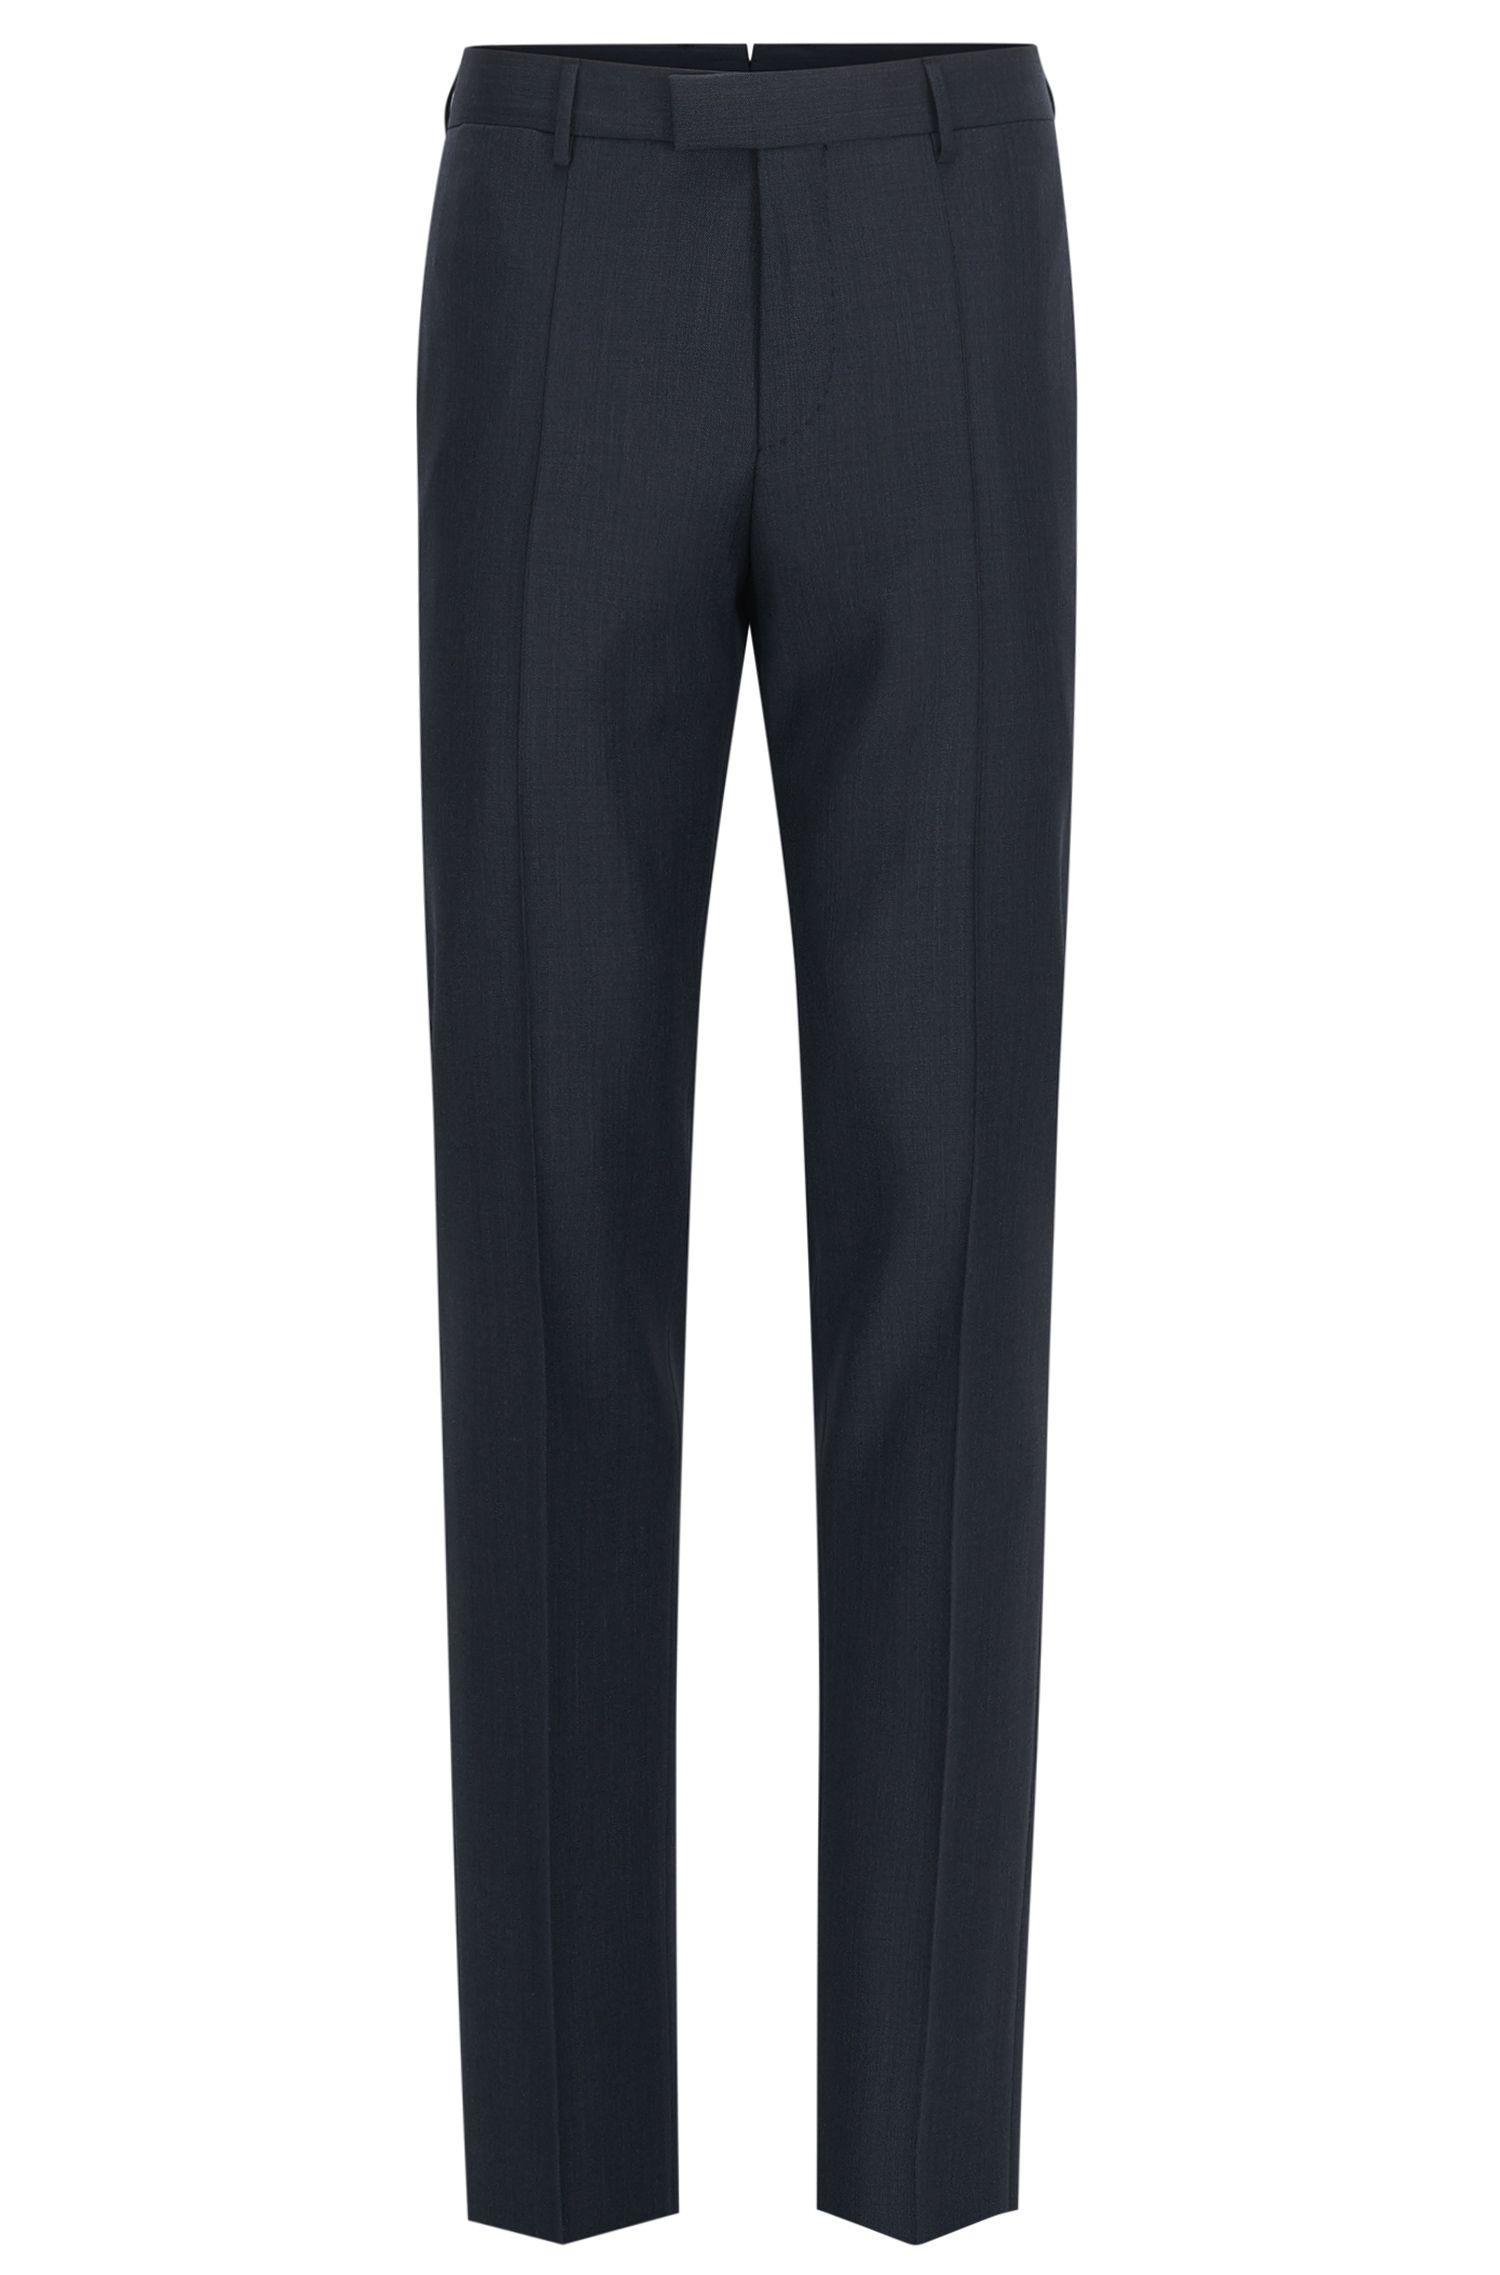 Pantaloni slim fit in lana vergine